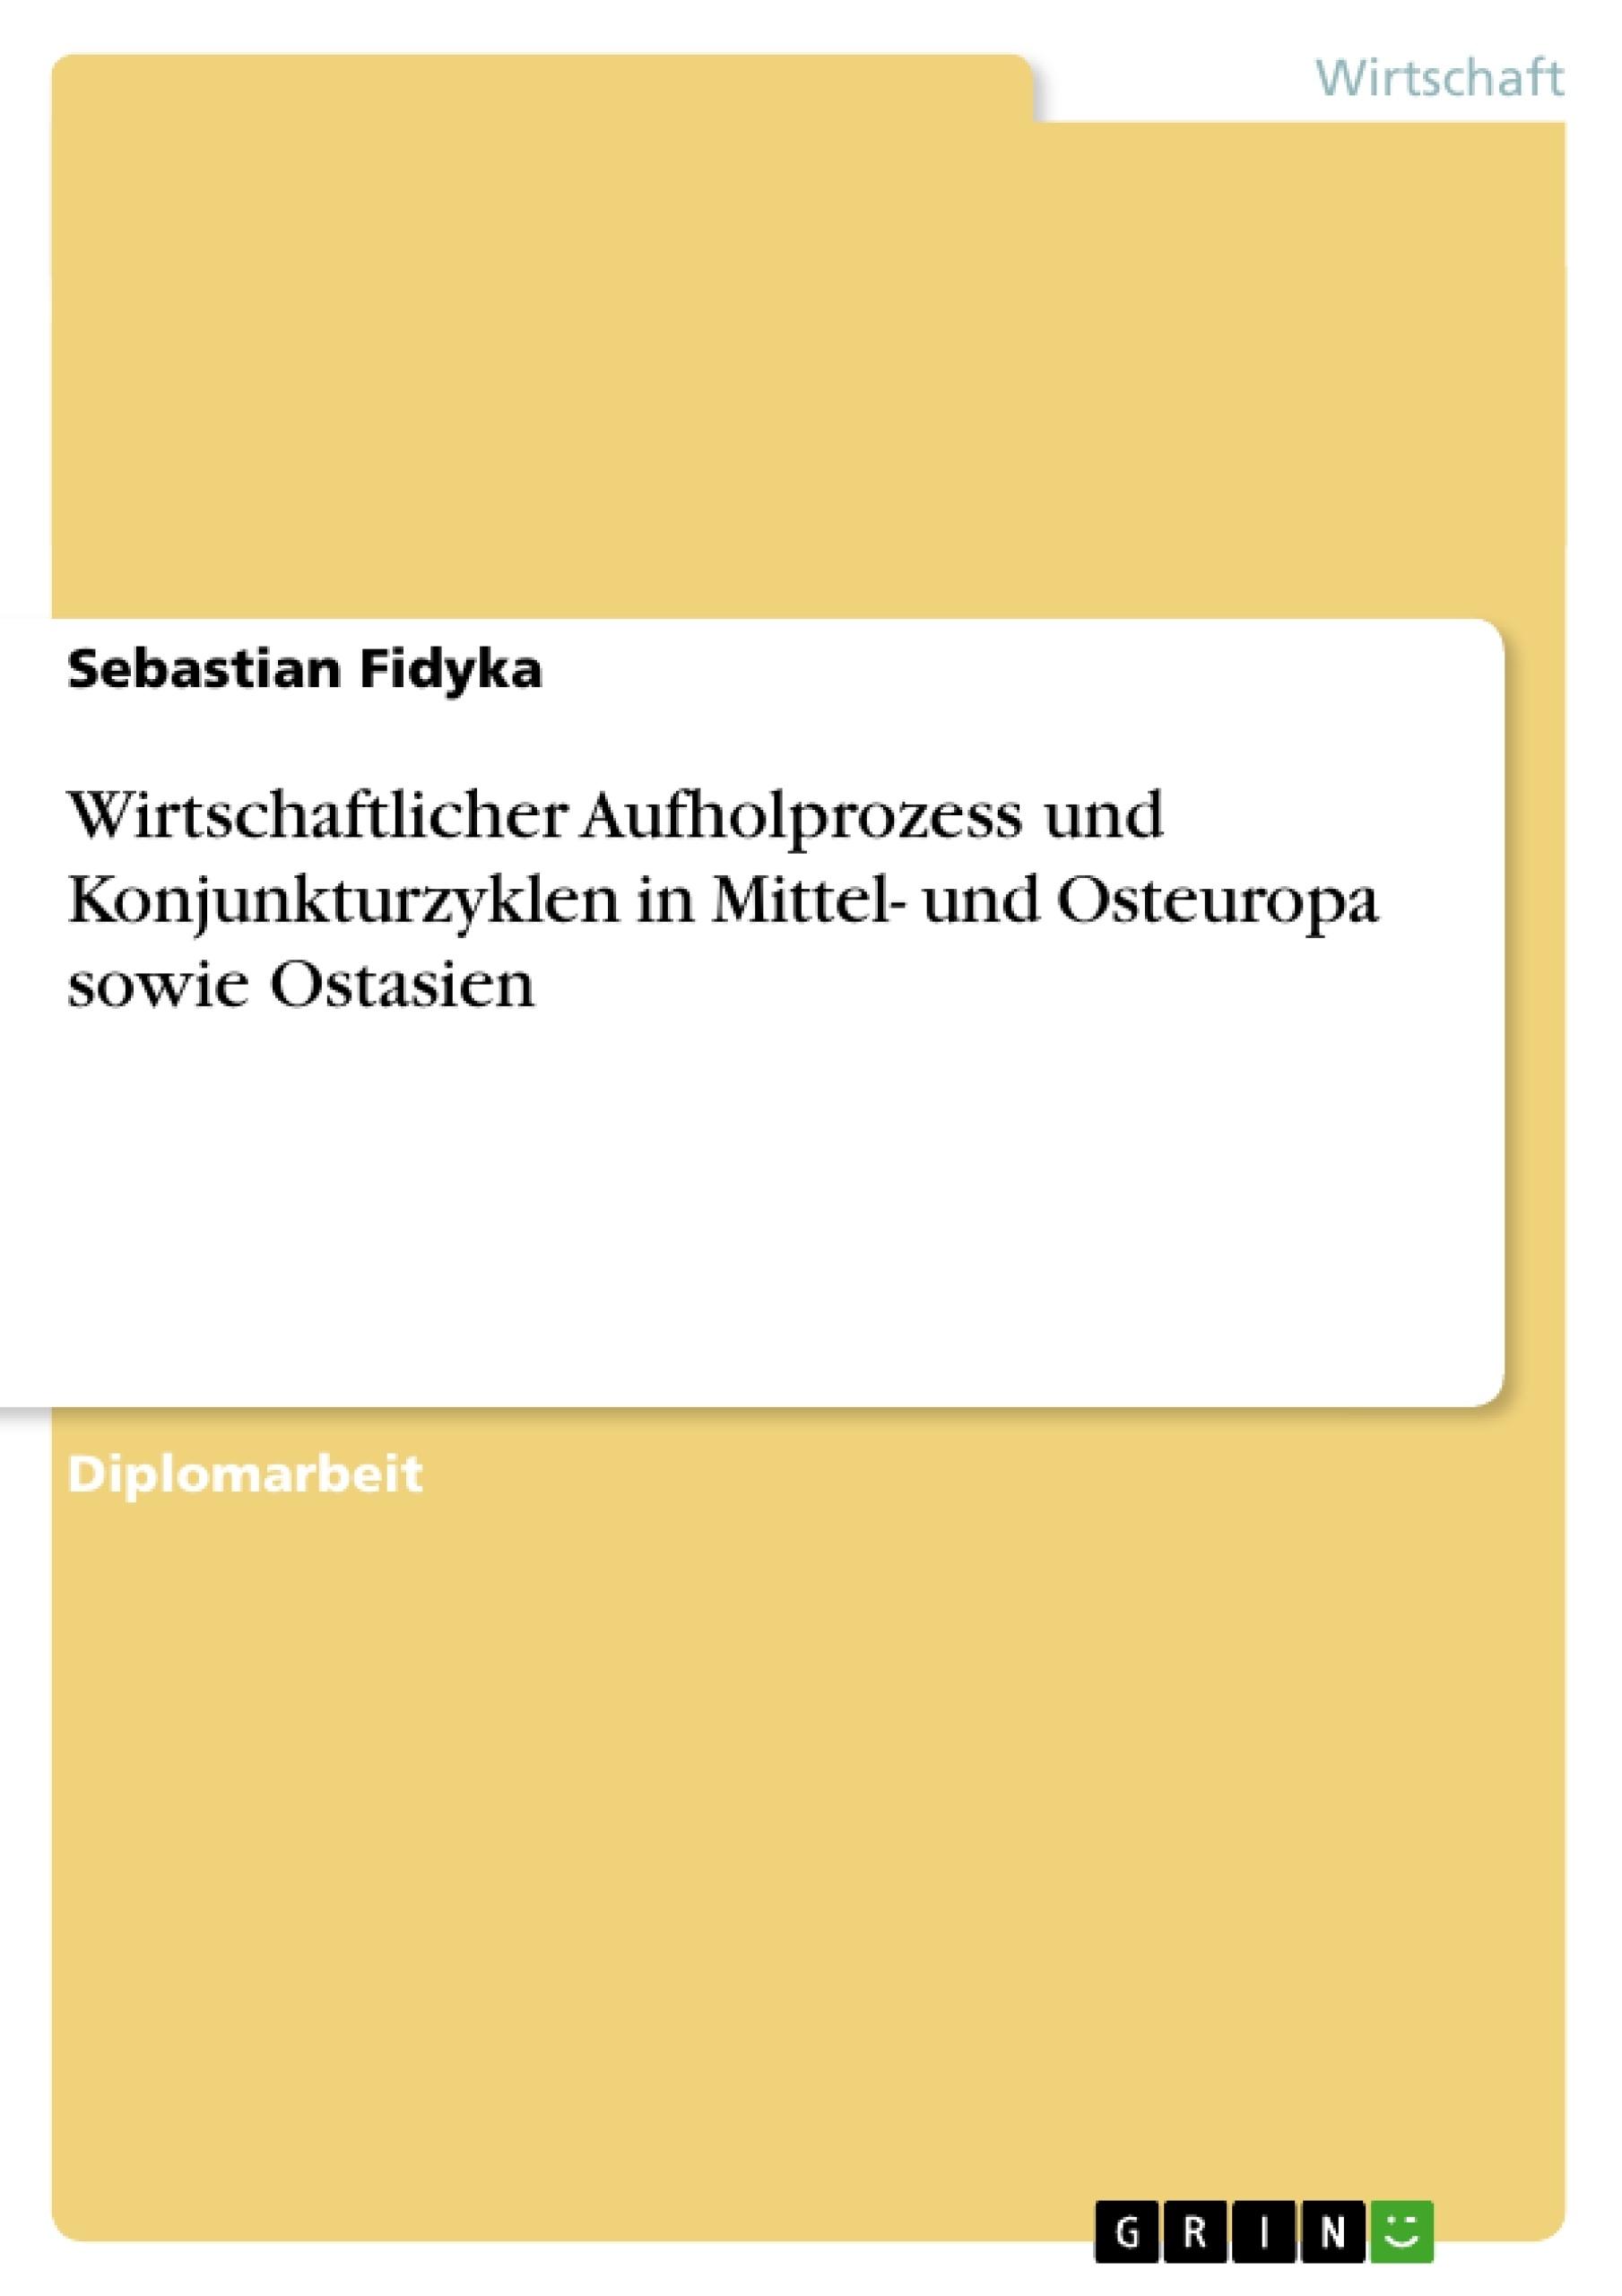 Titel: Wirtschaftlicher Aufholprozess und Konjunkturzyklen in Mittel- und Osteuropa sowie Ostasien